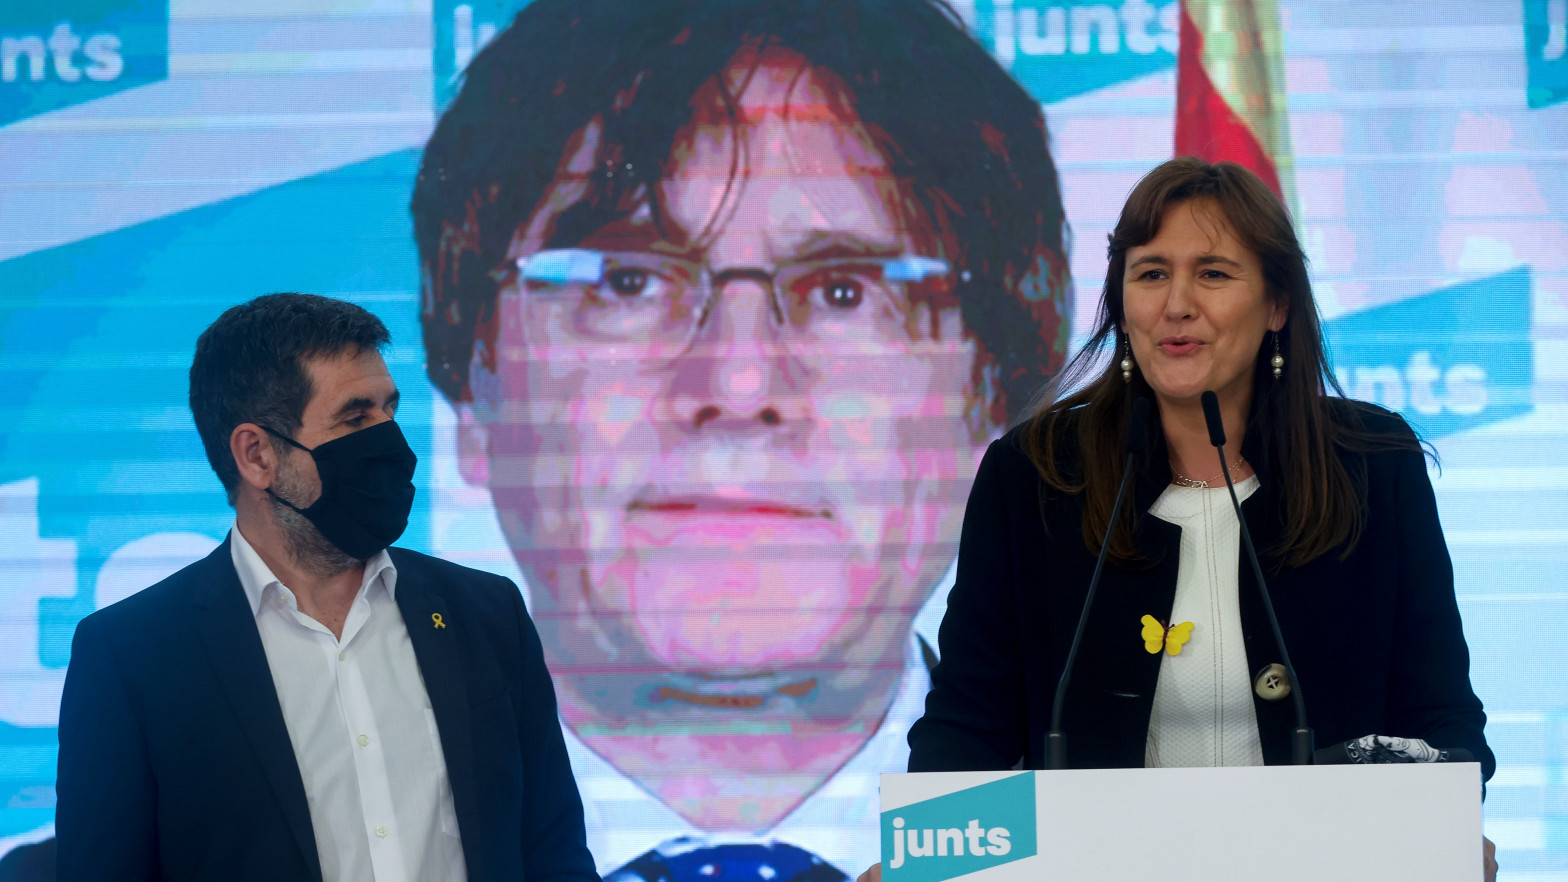 Junts aguanta la presión de ERC y CUP y quiere estar en el gobierno